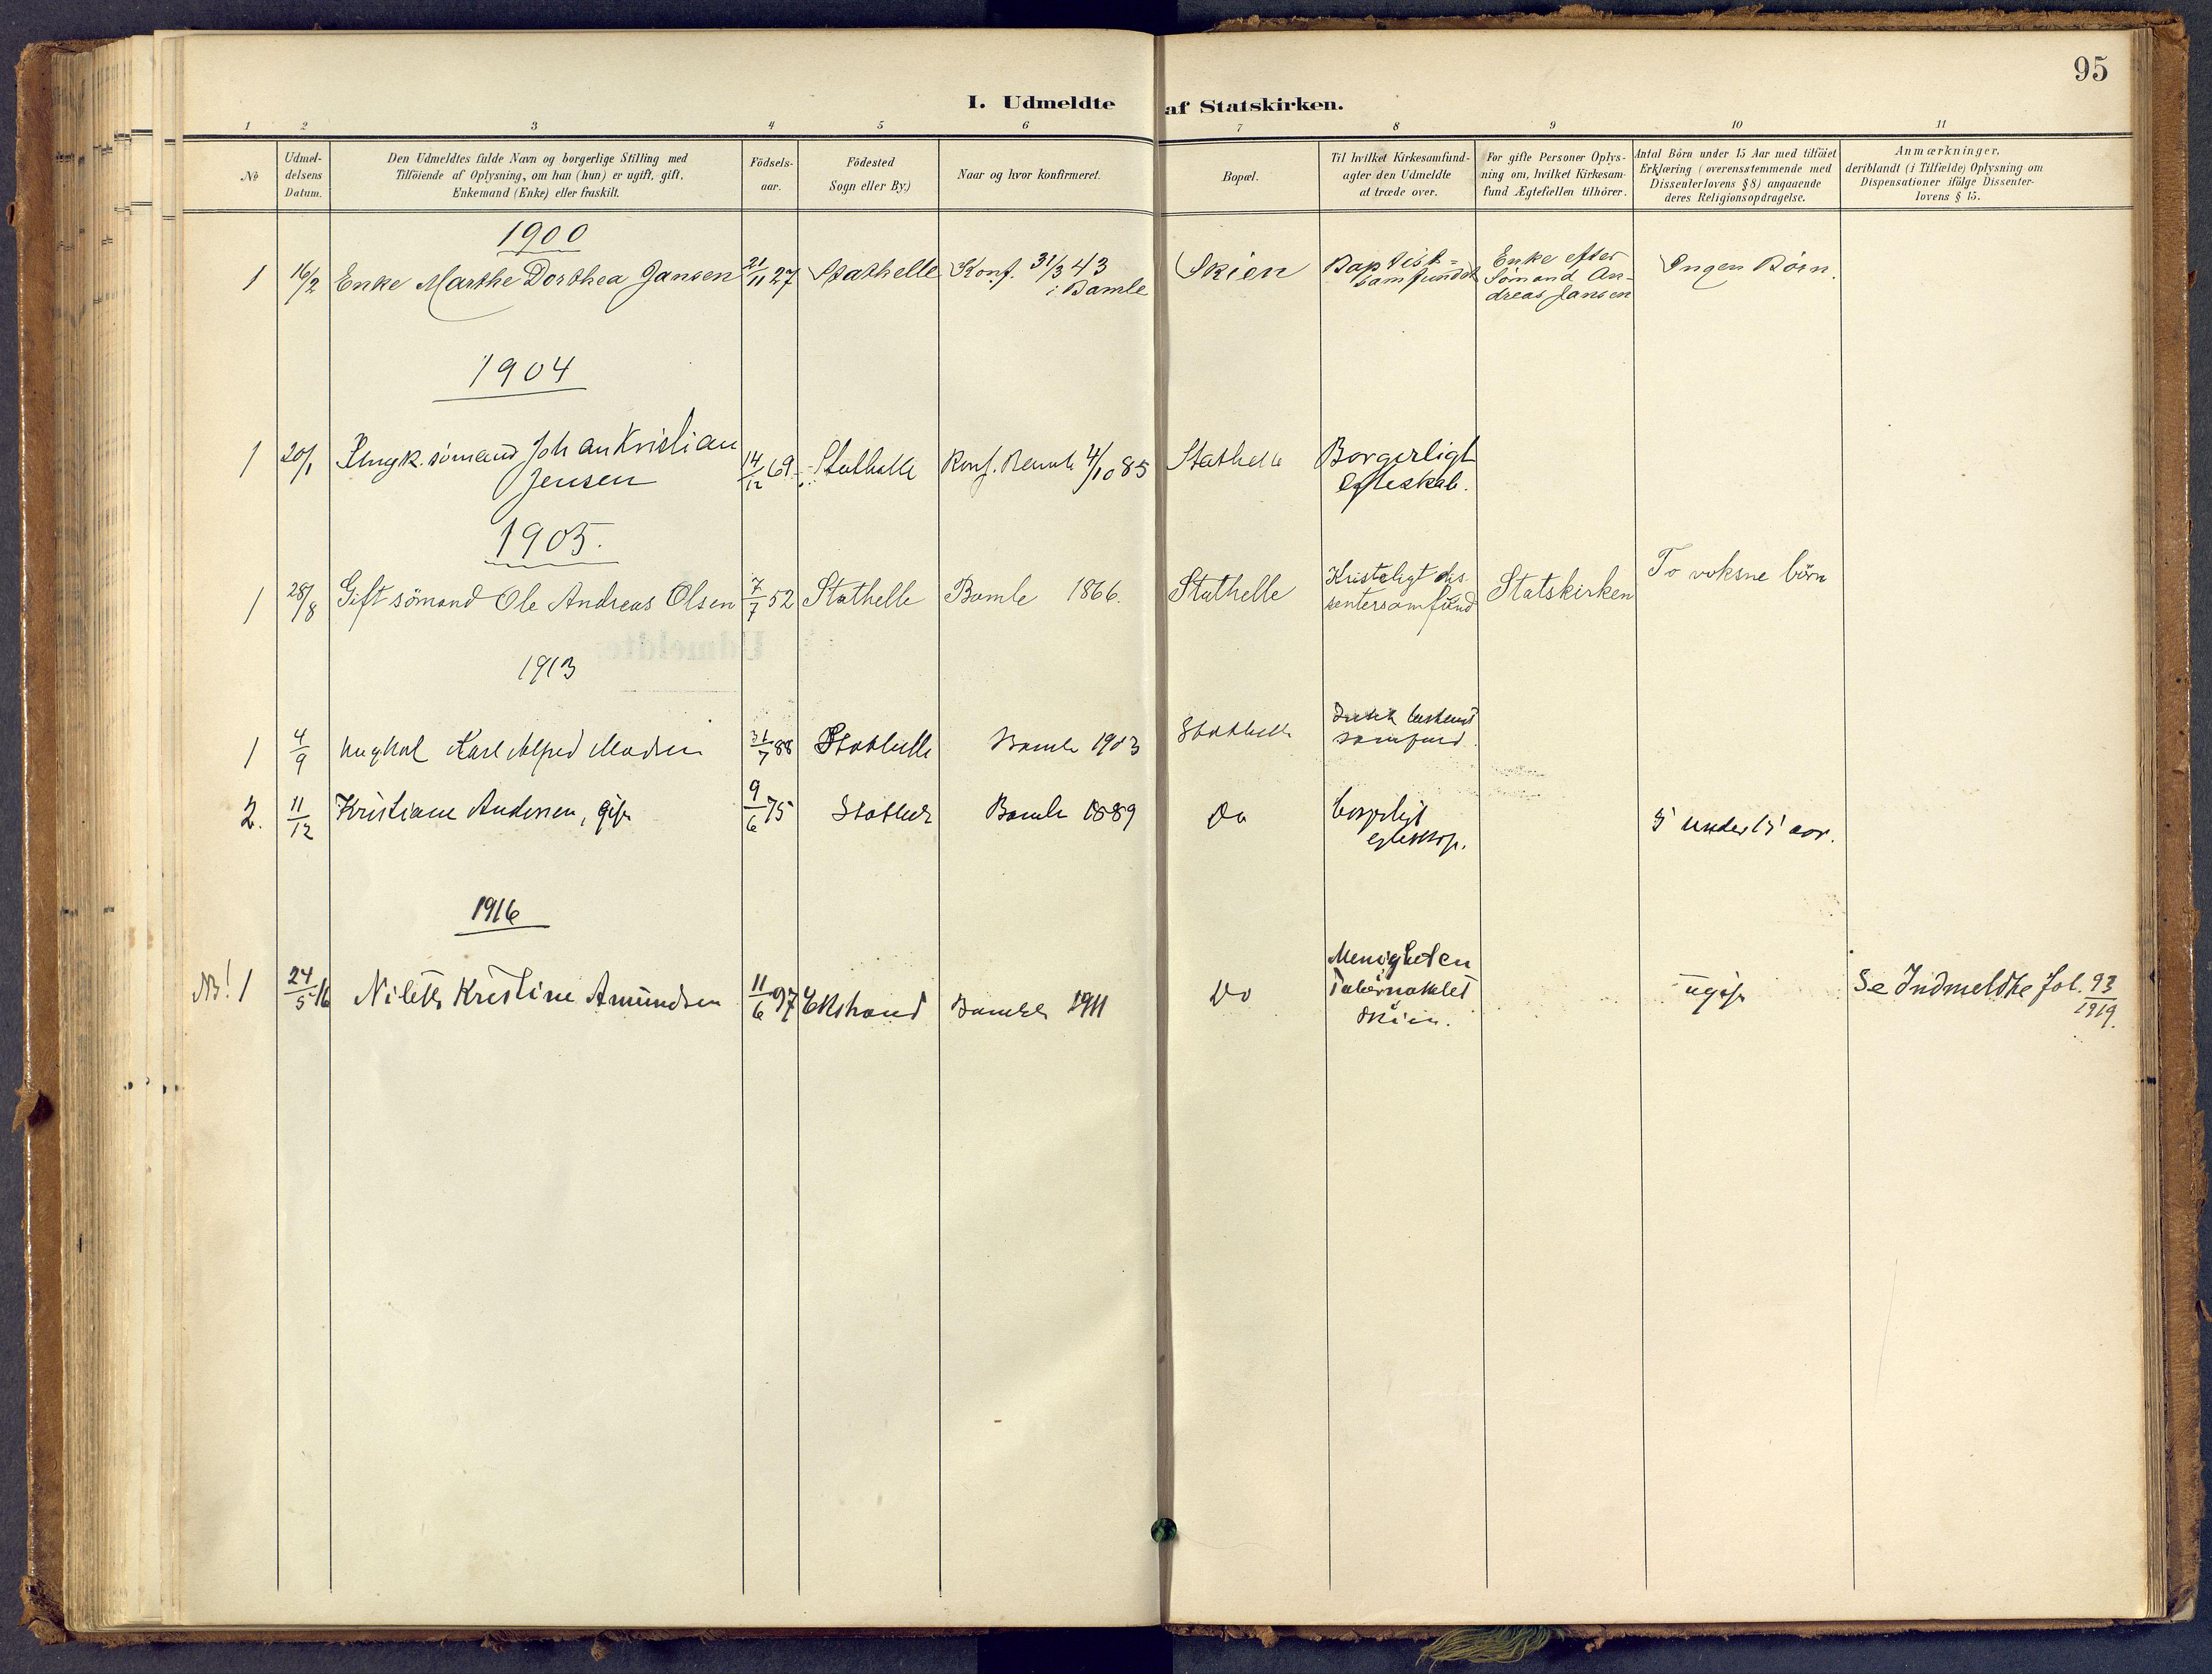 SAKO, Bamble kirkebøker, F/Fb/L0002: Ministerialbok nr. II 2, 1900-1921, s. 95